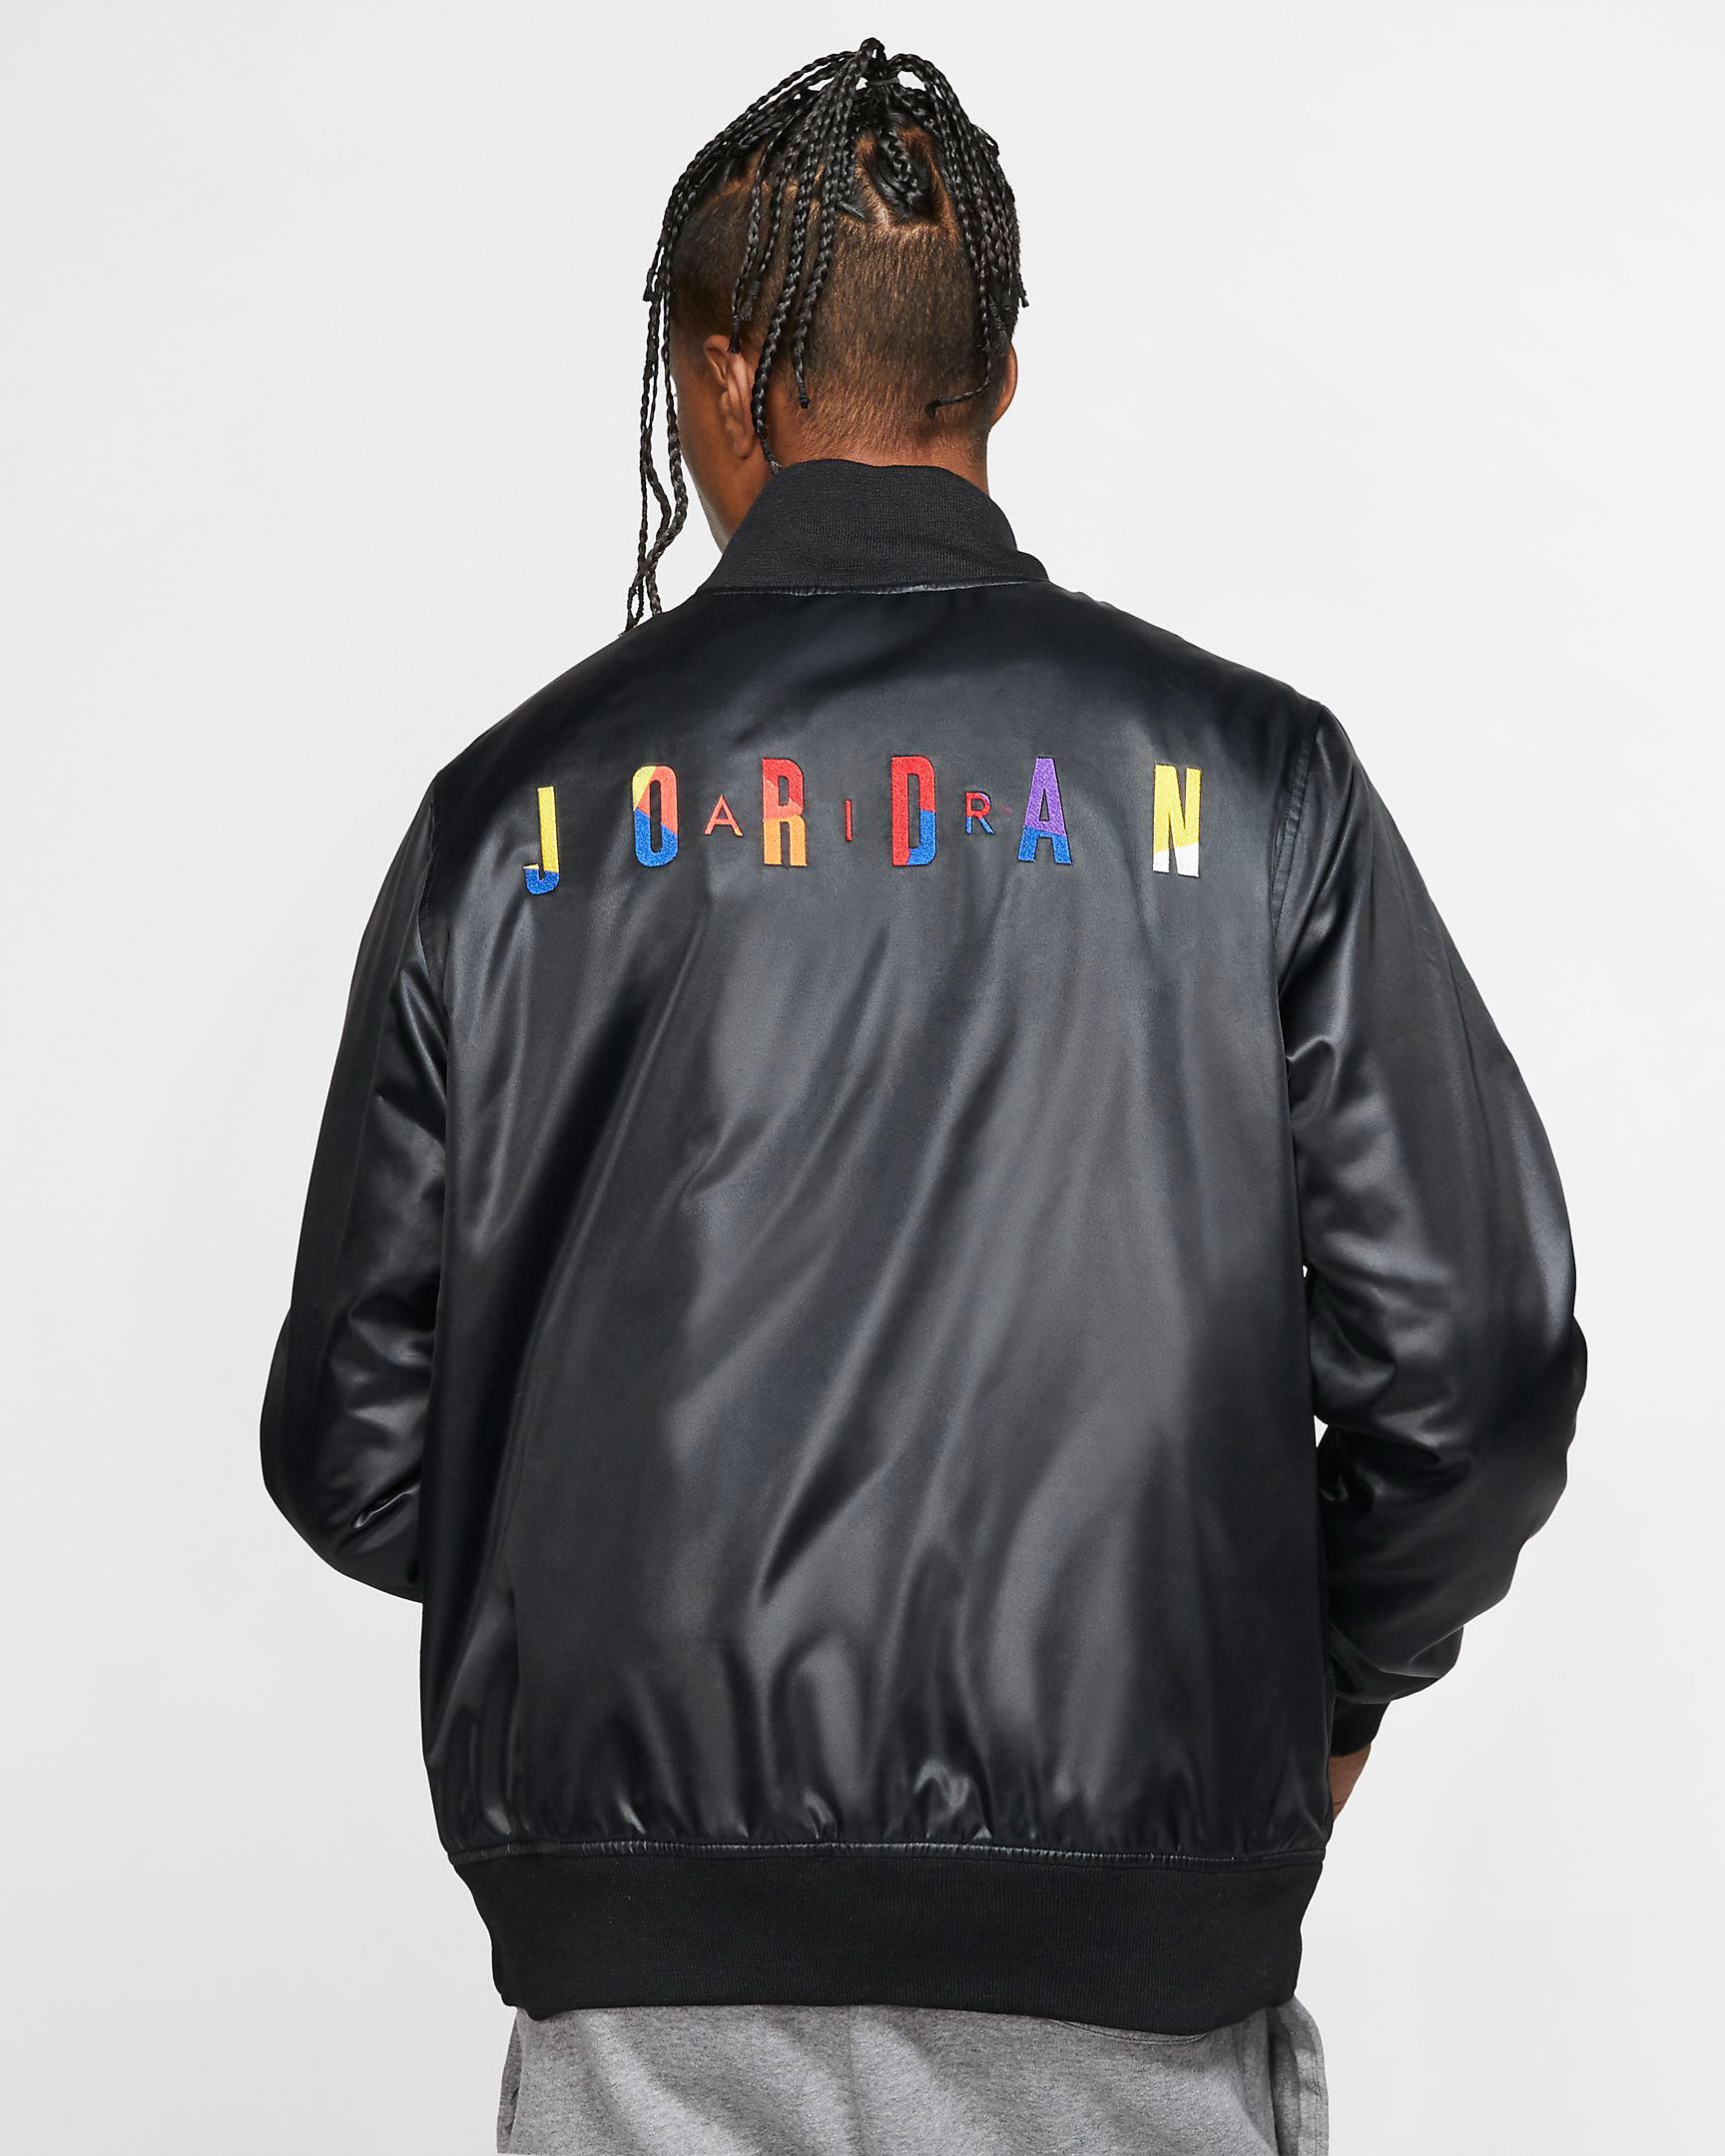 jordan-dna-jacket-2